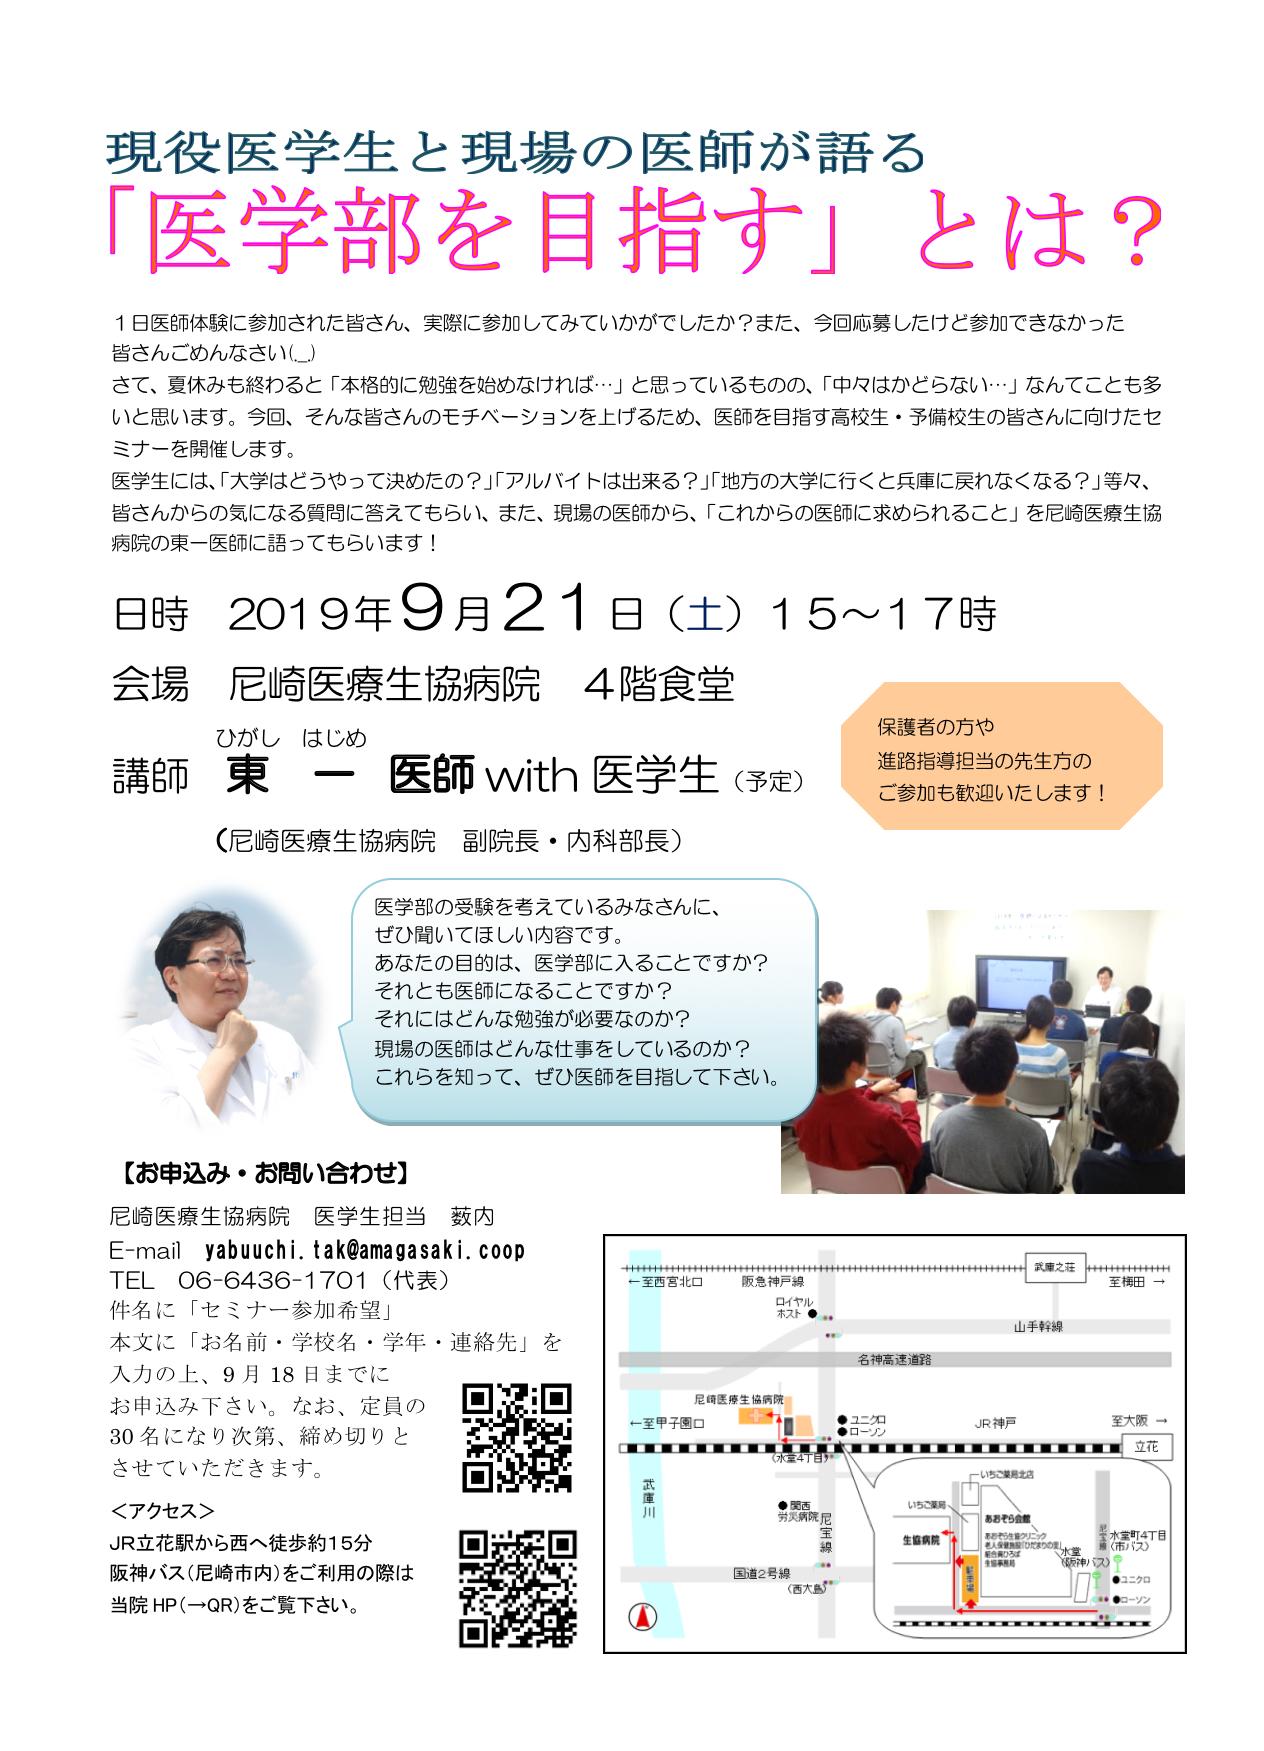 http://hyogo-min.com/image/20190921.jpg